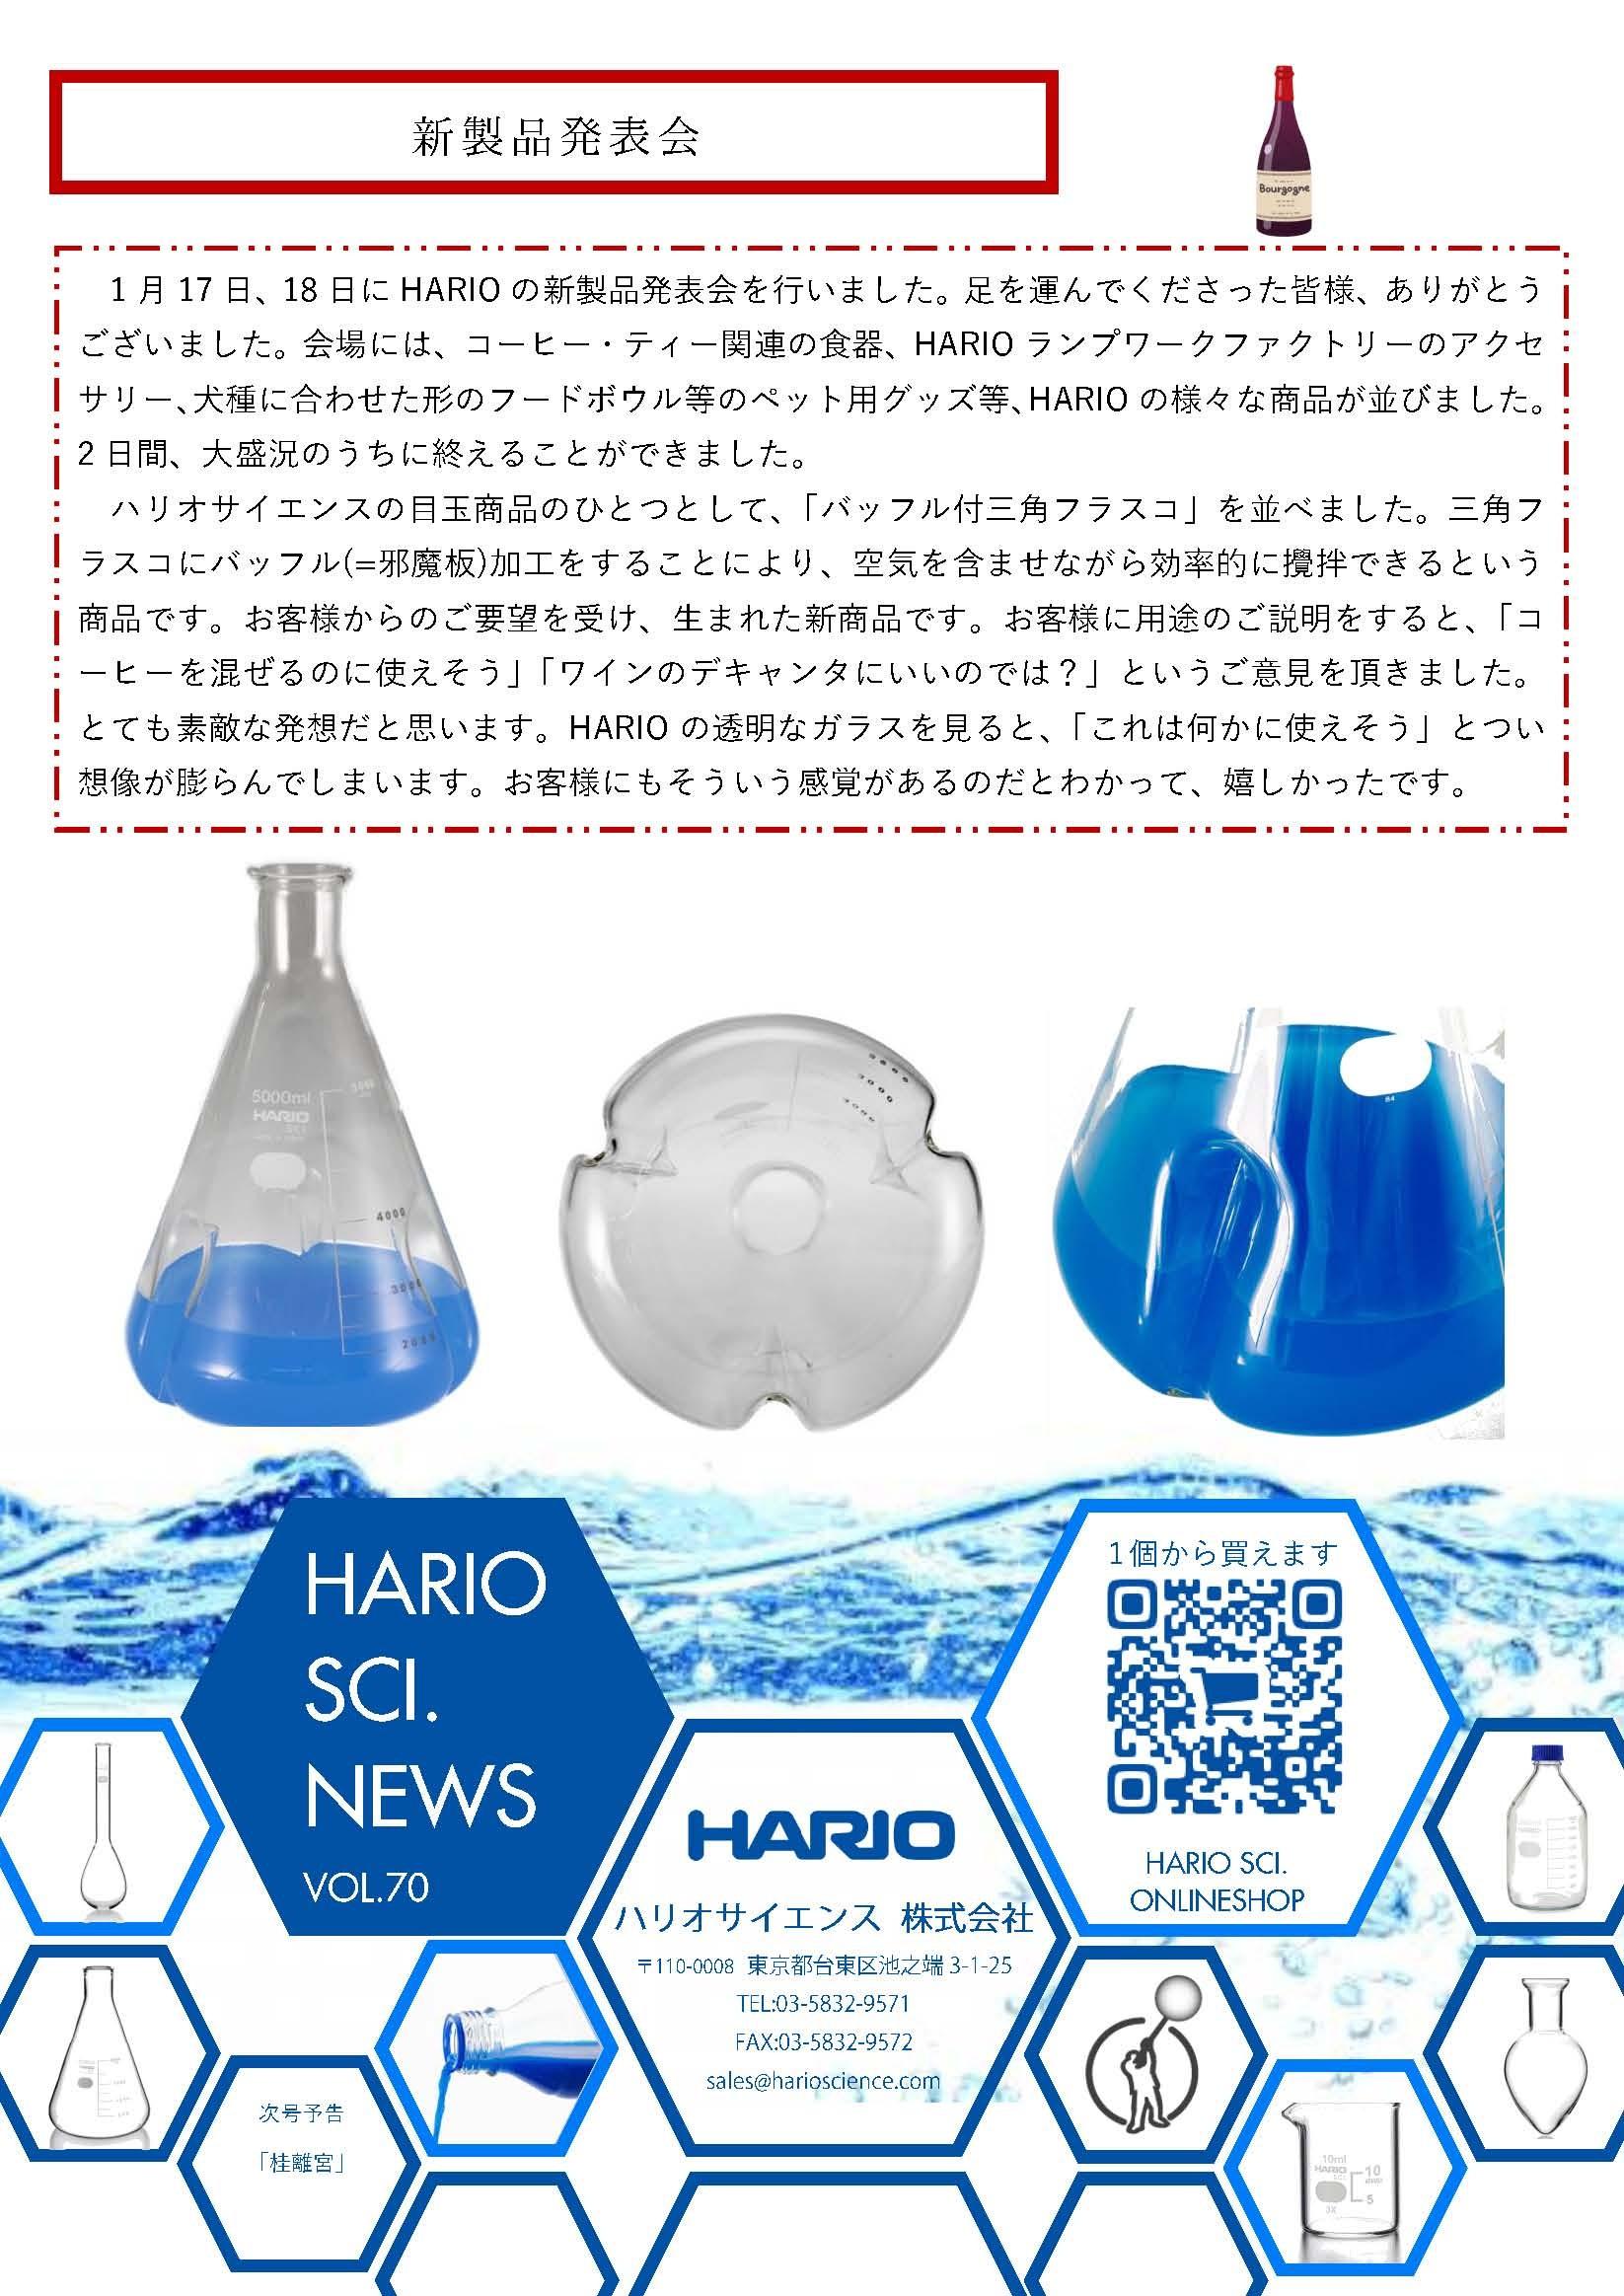 HARIO SCI. NEWS vol.70 「HARIO 新製品発表会」